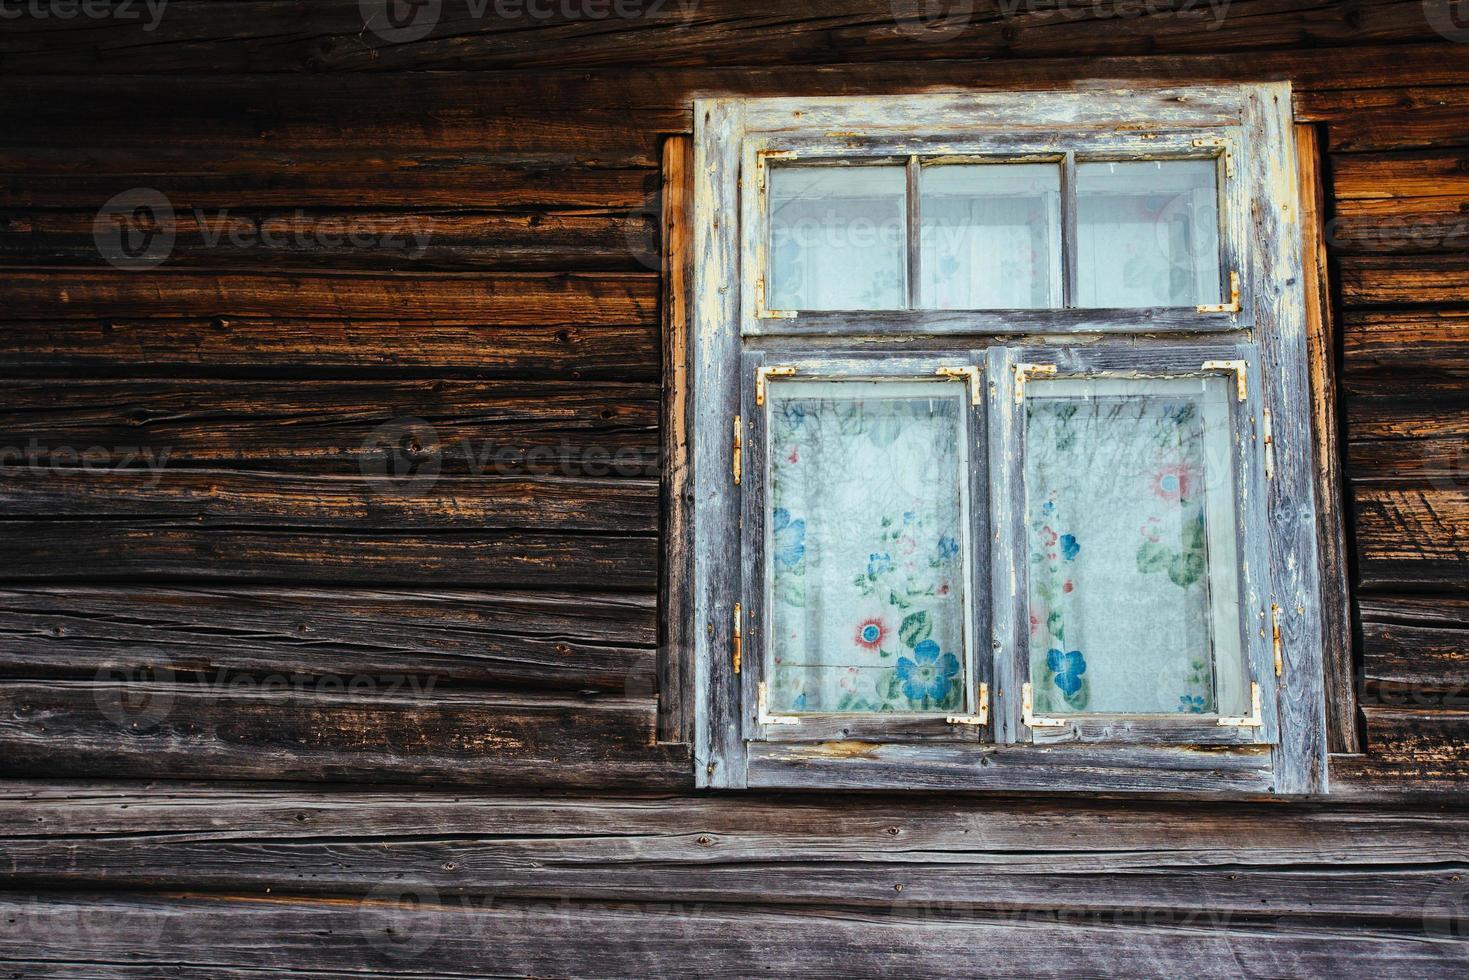 vecchia finestra foto